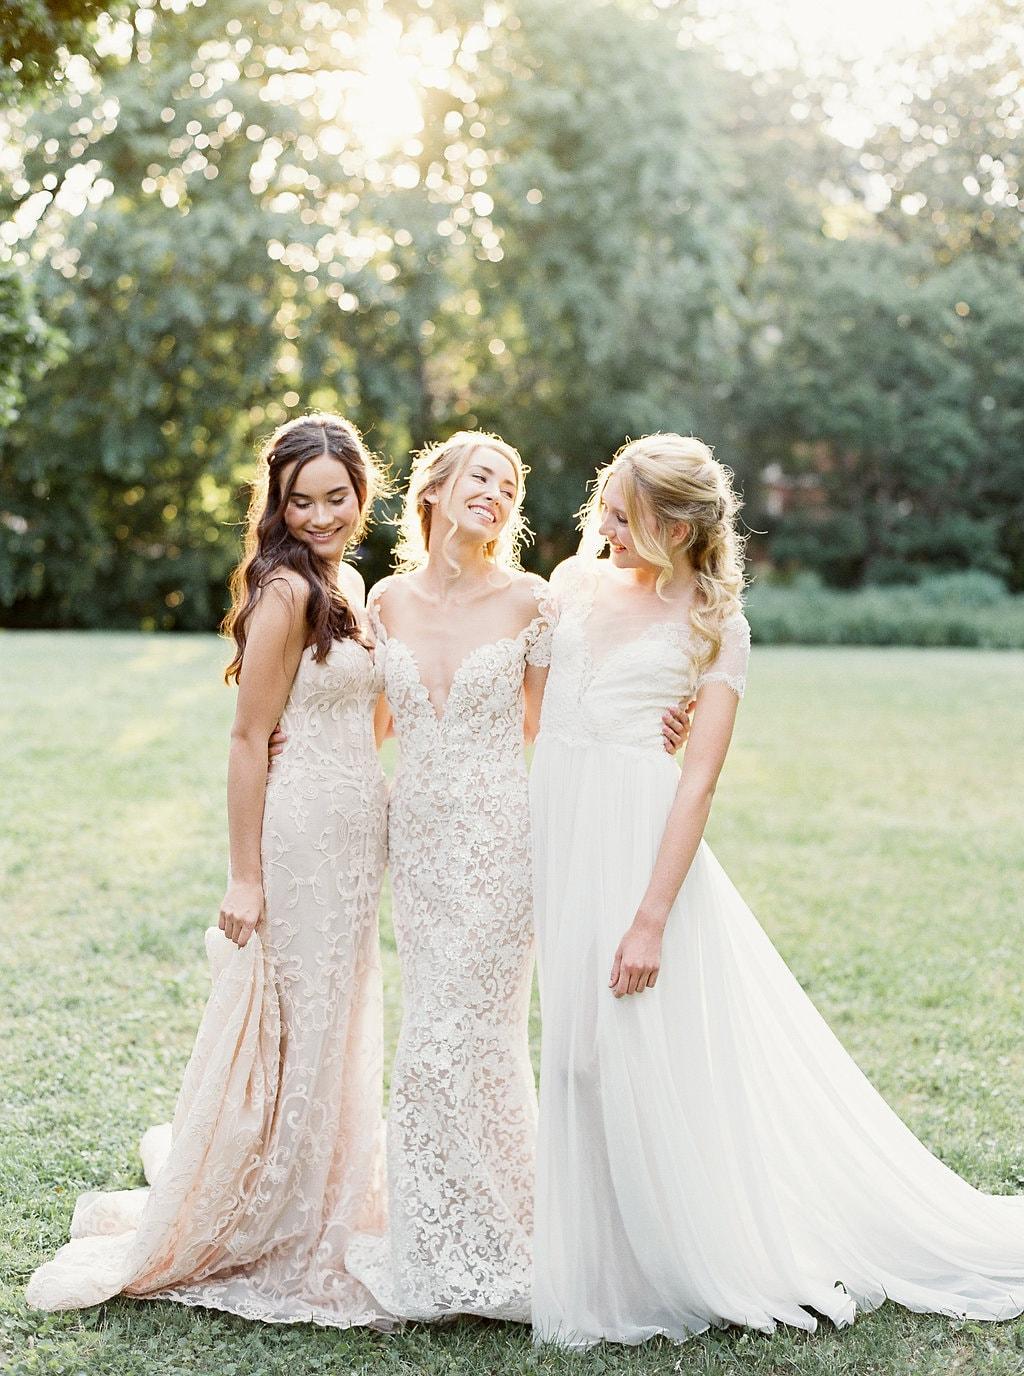 ad0b63cfe28 Свадебные Тренды и Тенденции 2019 Года